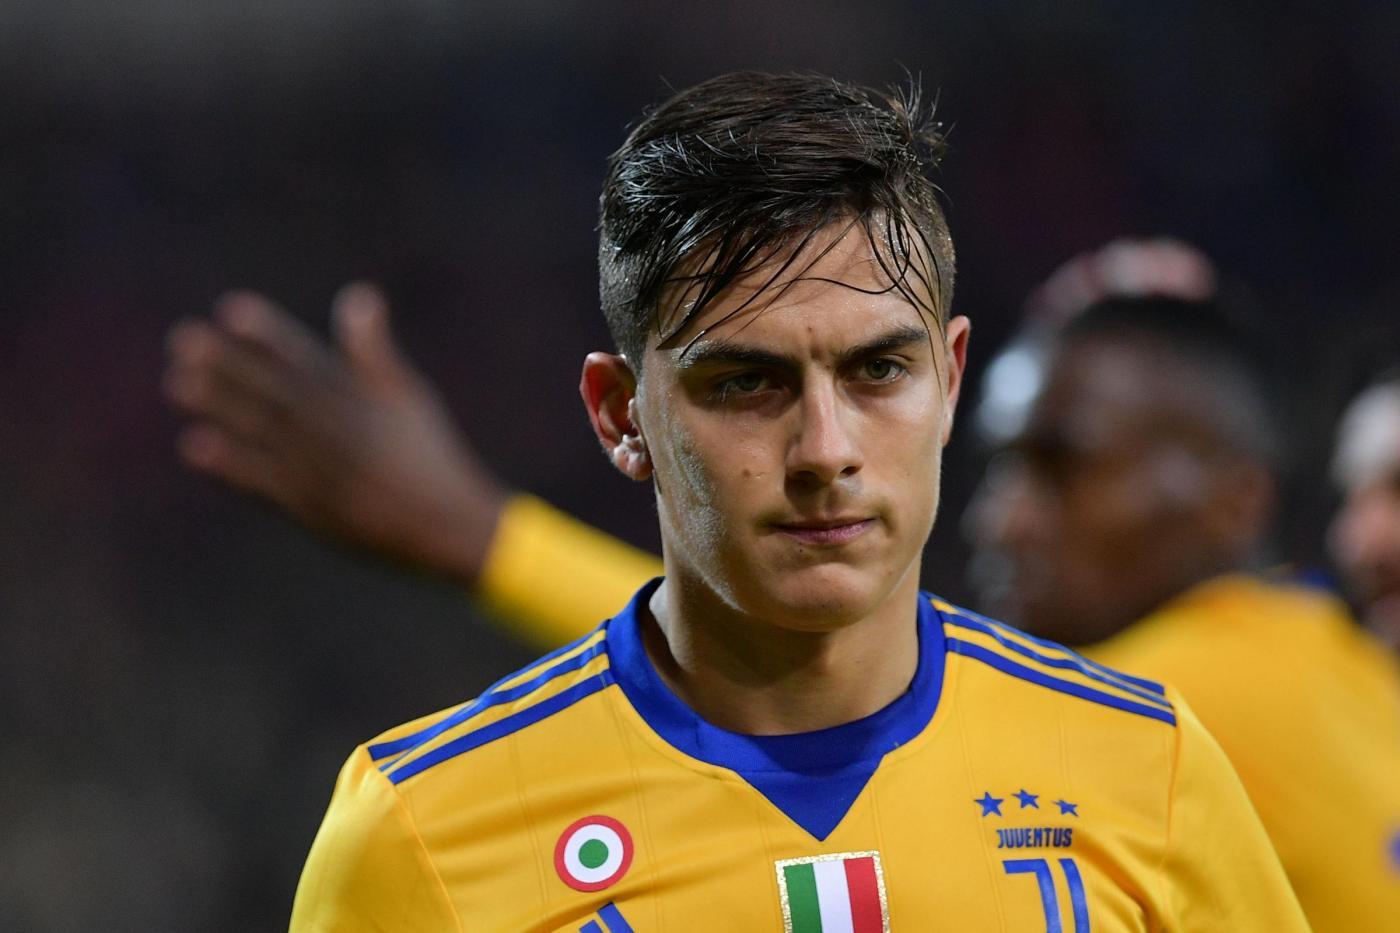 La Juventus batte tra le proteste 1-0 il Cagliari